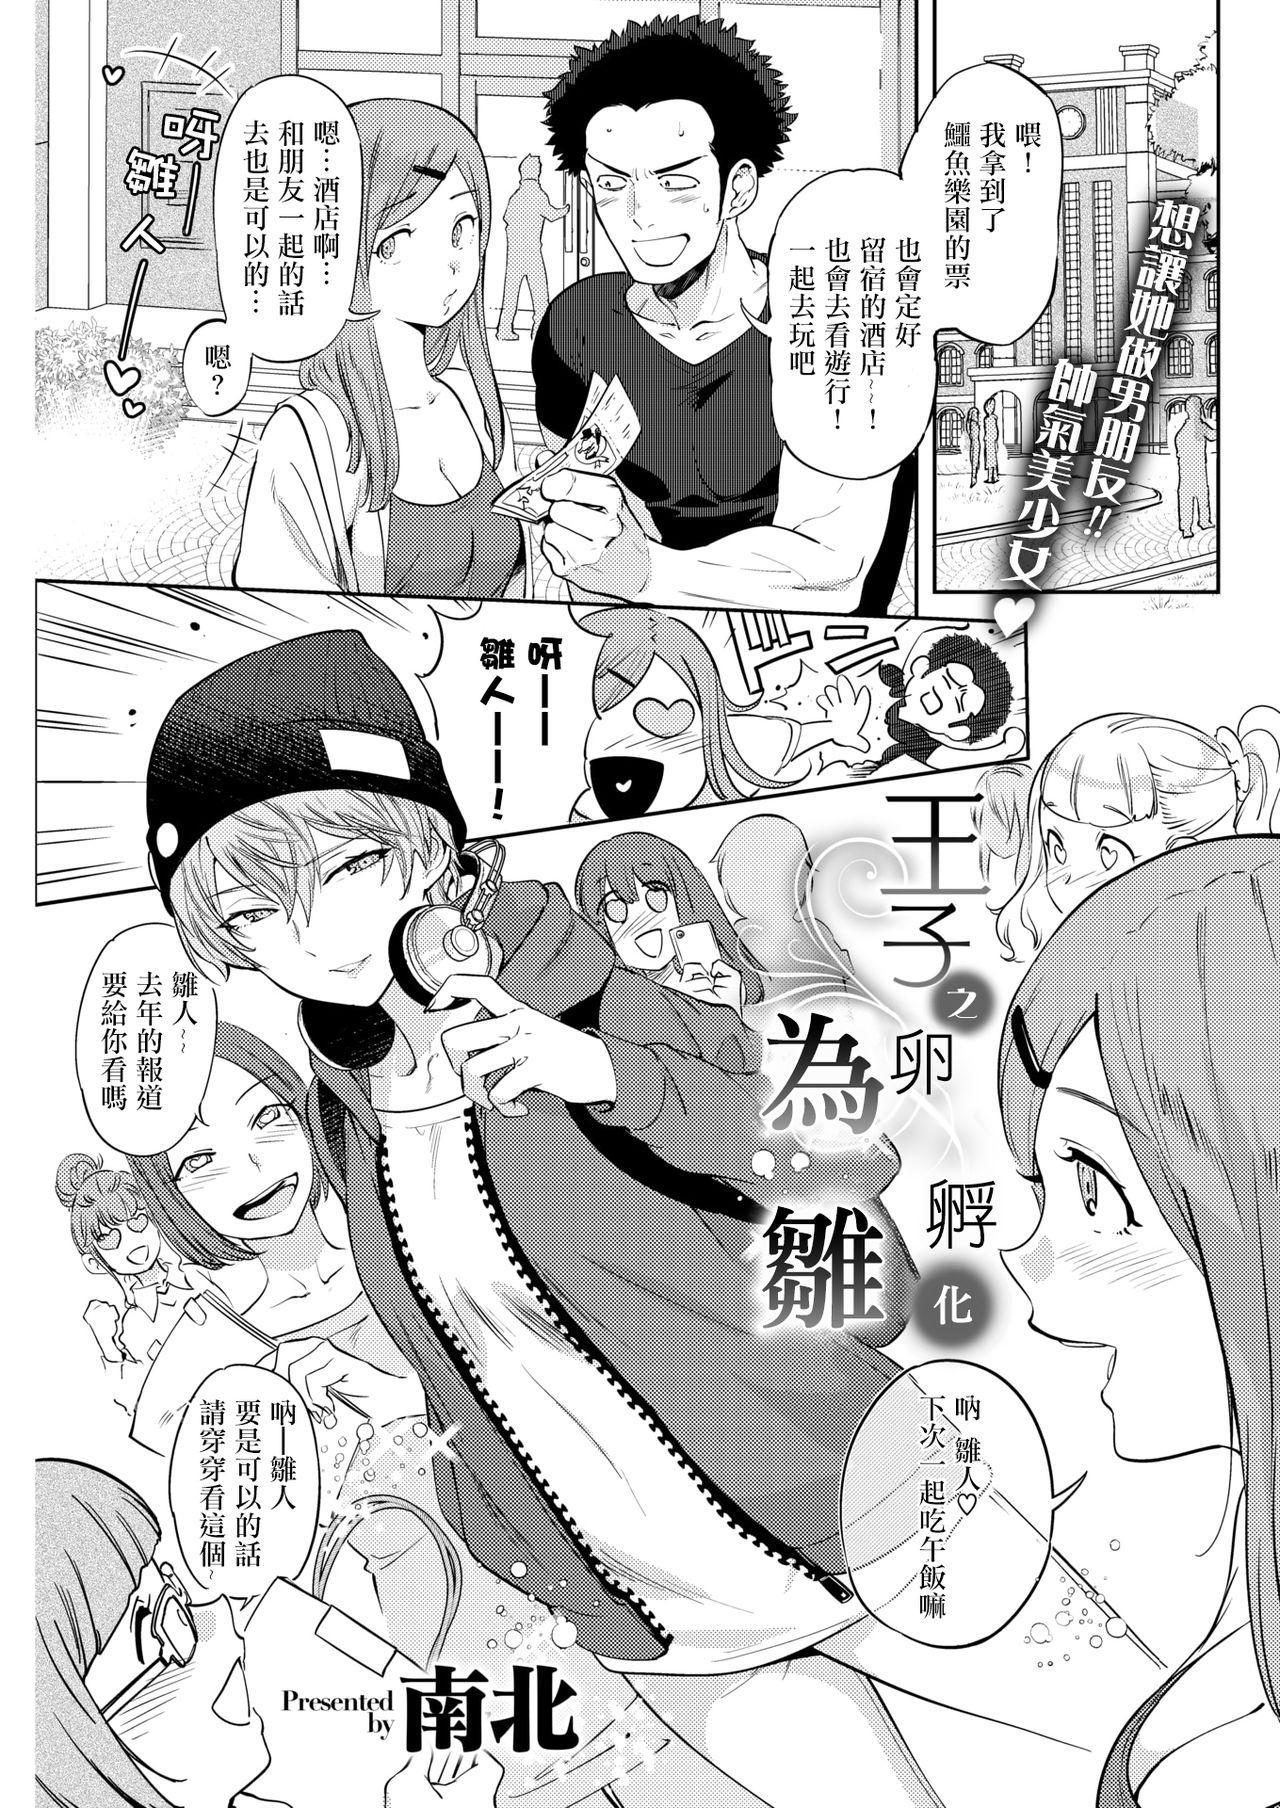 Ouji no Tamago wa Hina ni Kaeru   王子之卵孵化為雛 1